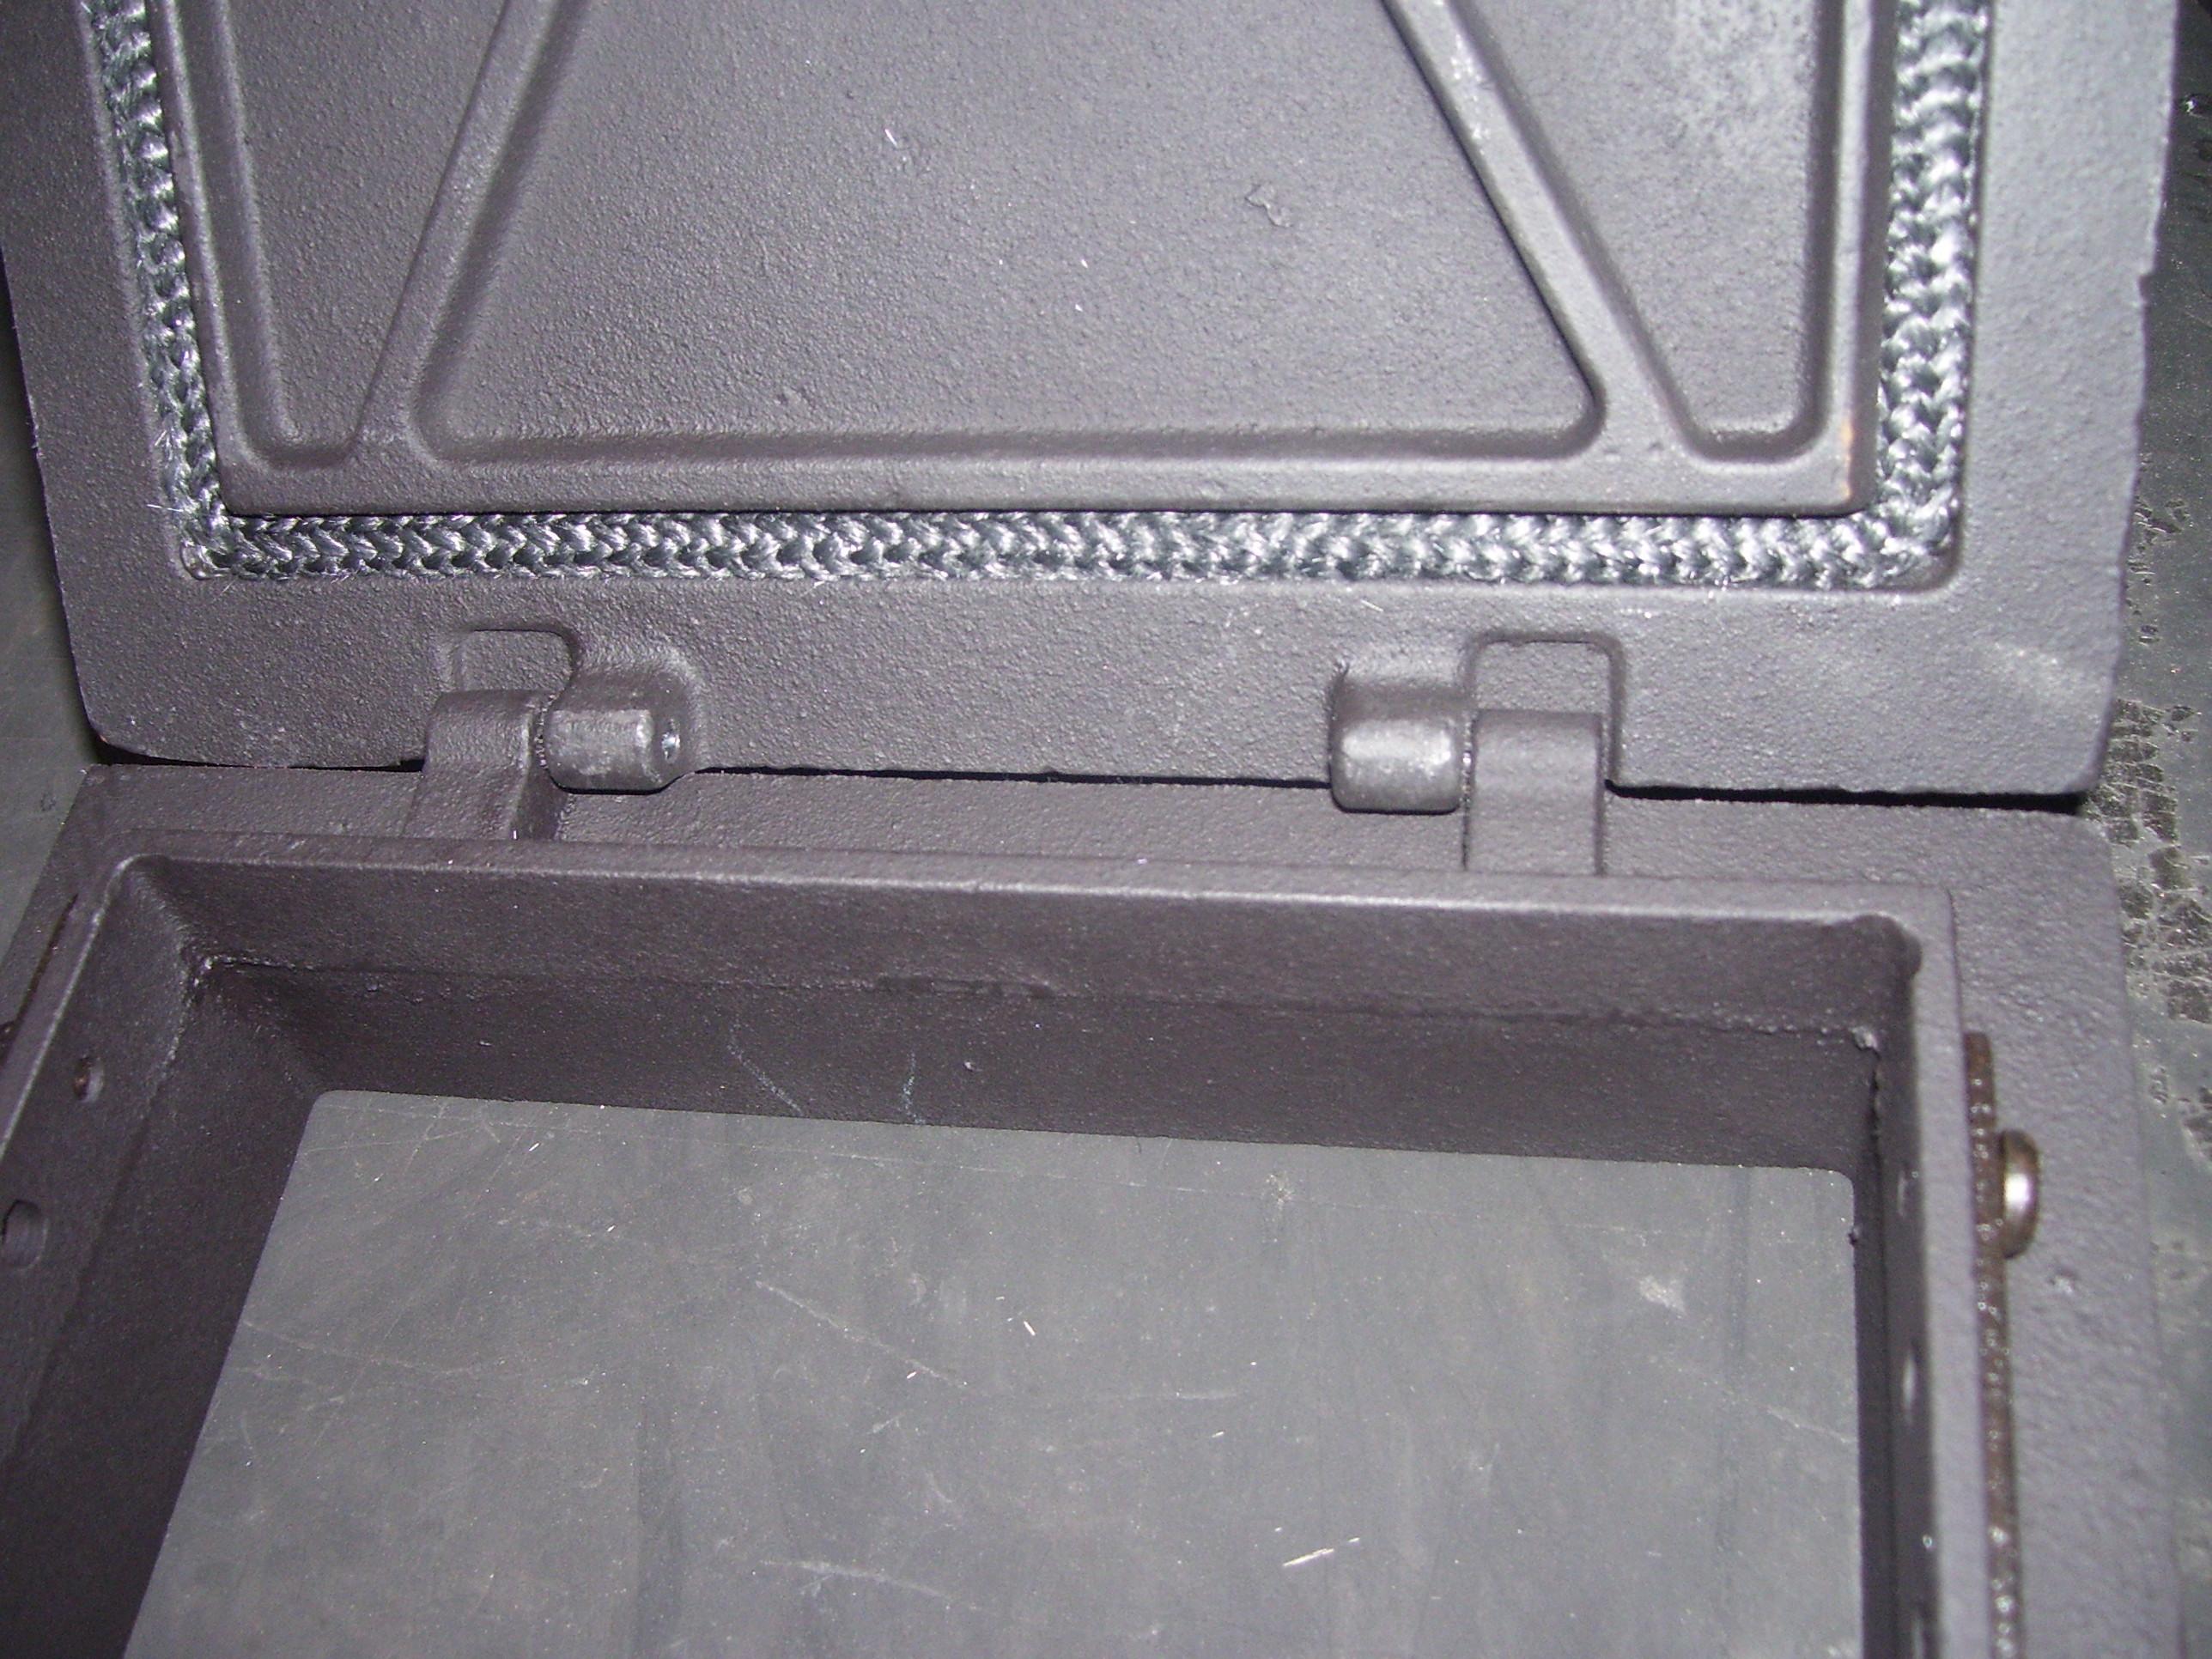 Топочная дверца с возможностью крепления рамки отдельно от крышки Завод ЛИТКОМ